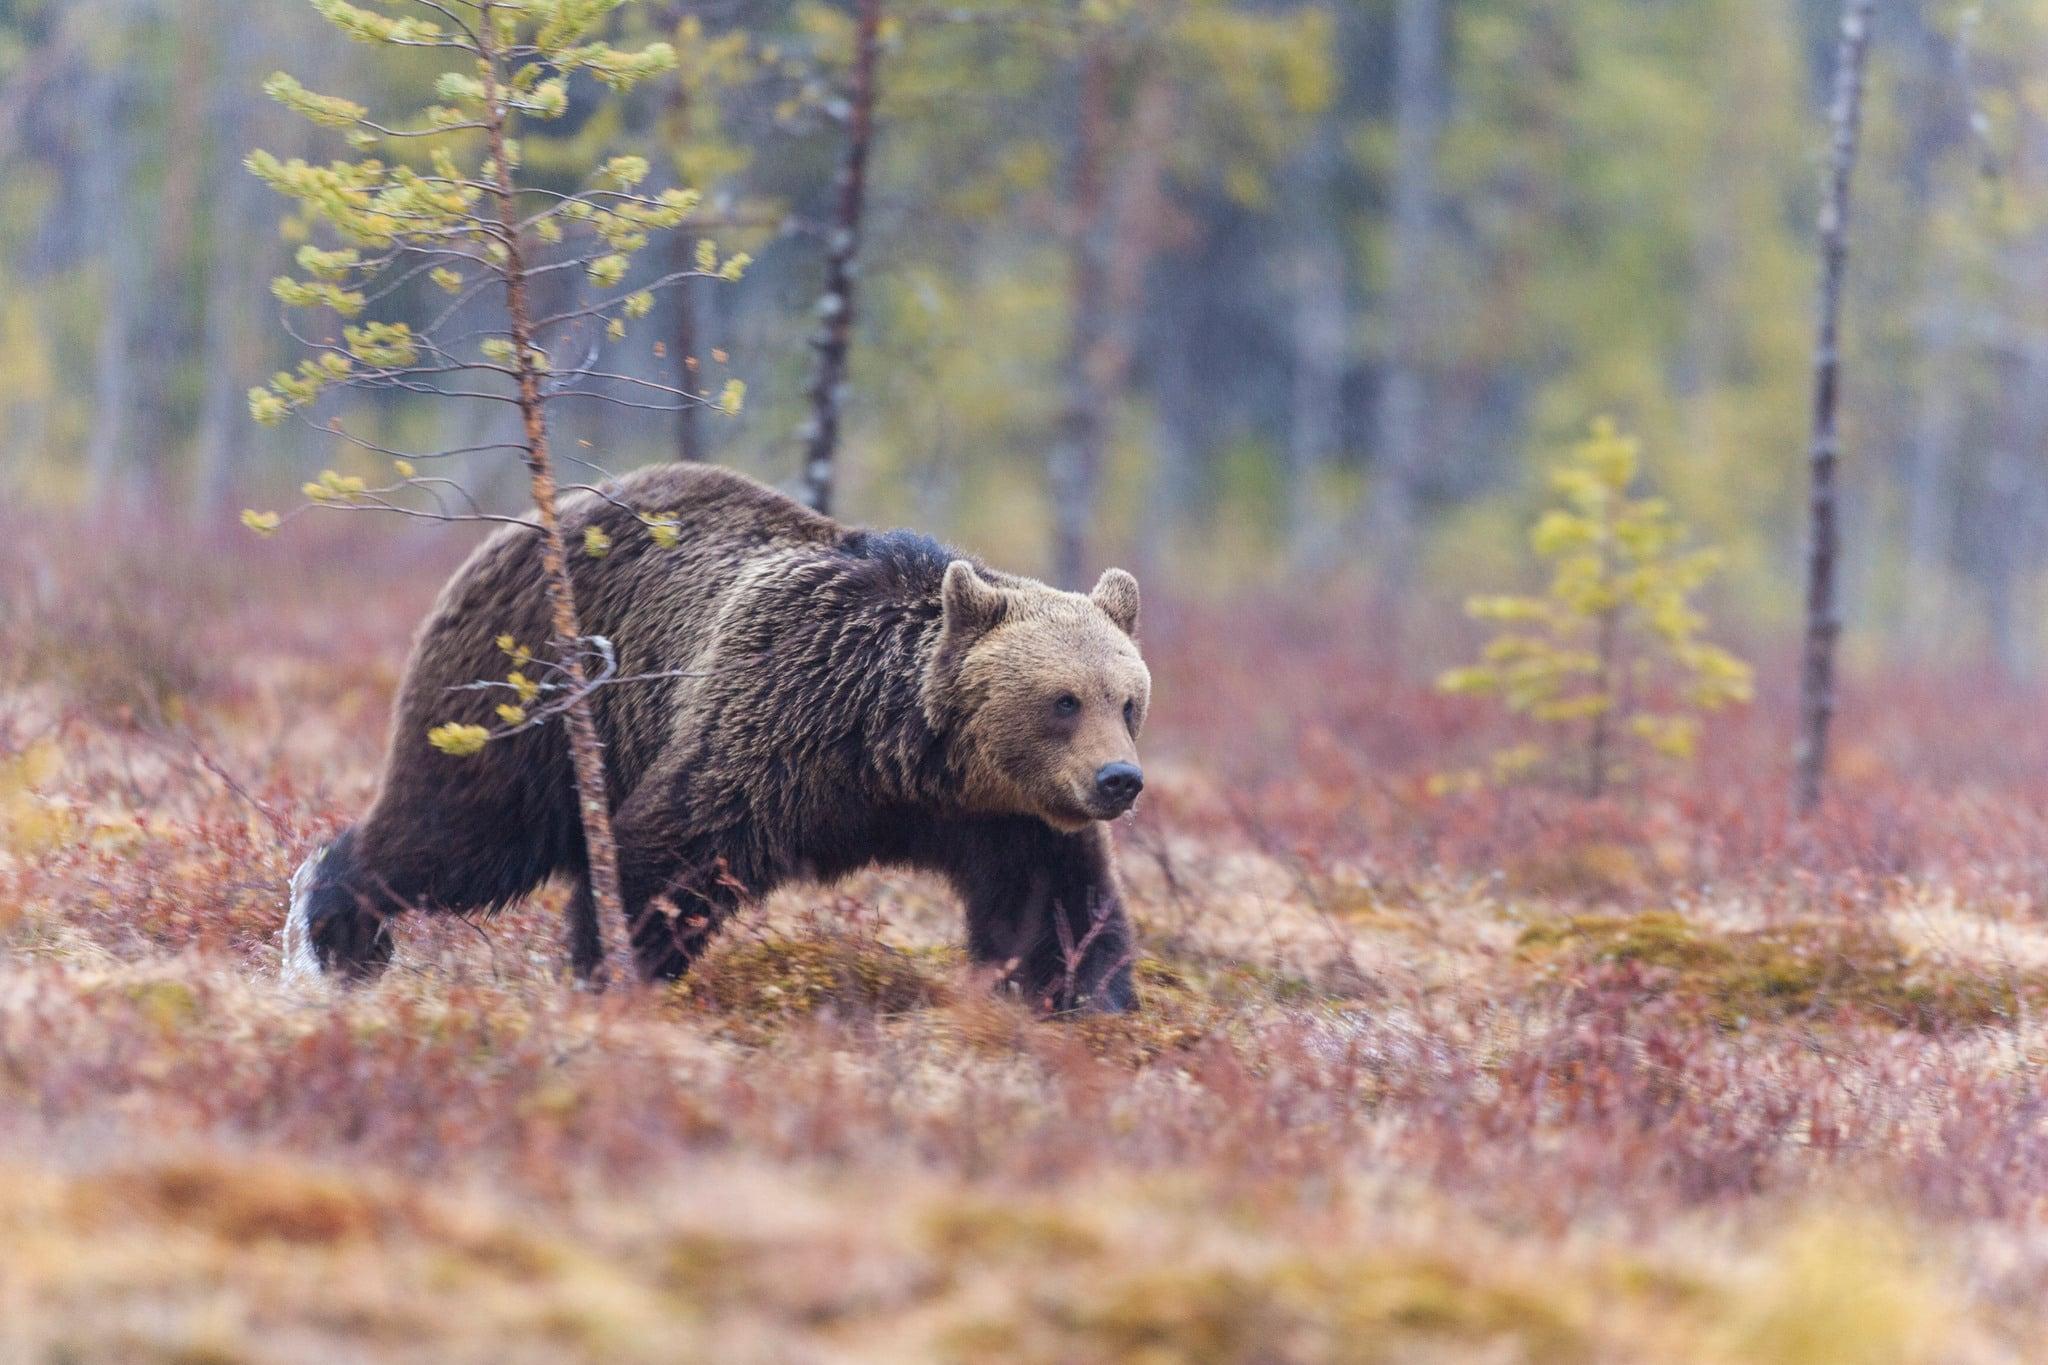 När björnstammen inventerades genom dna-analyser av spillning i Jämtland 2006 uppskattades den uppgå till mellan 700 och 1.000 djur. Foto: Kjell-Erik Moseid